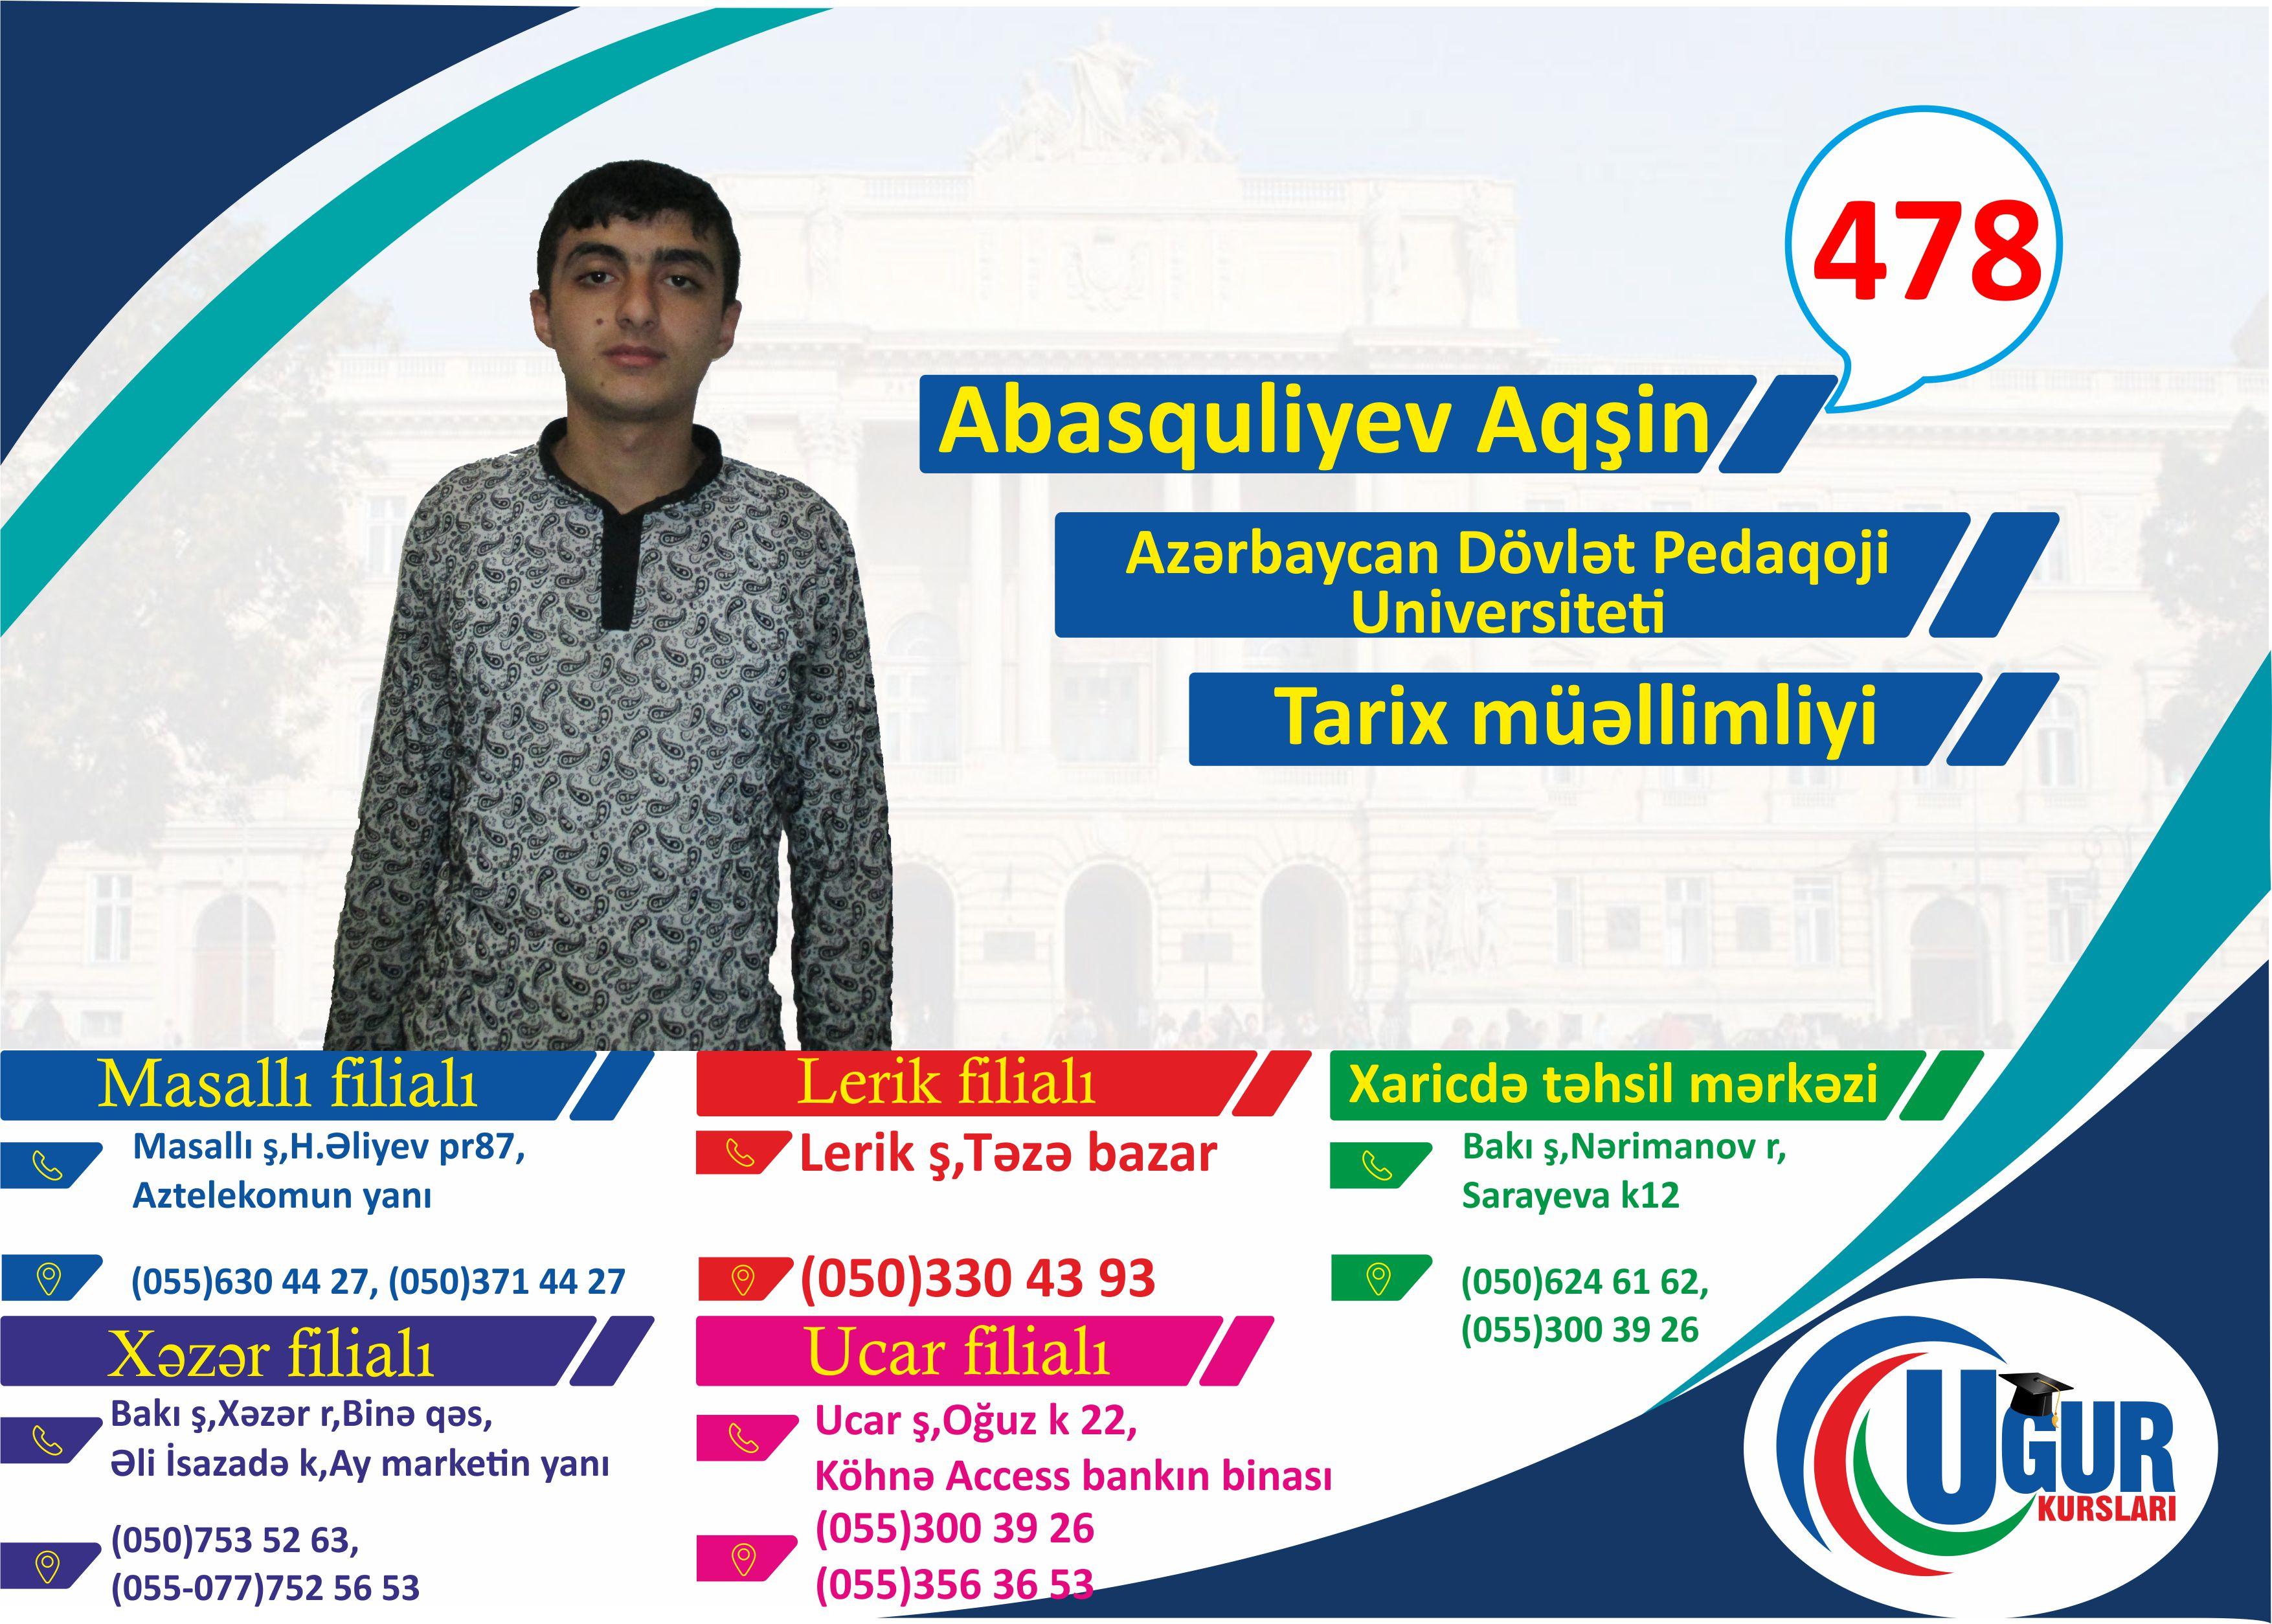 aqsin